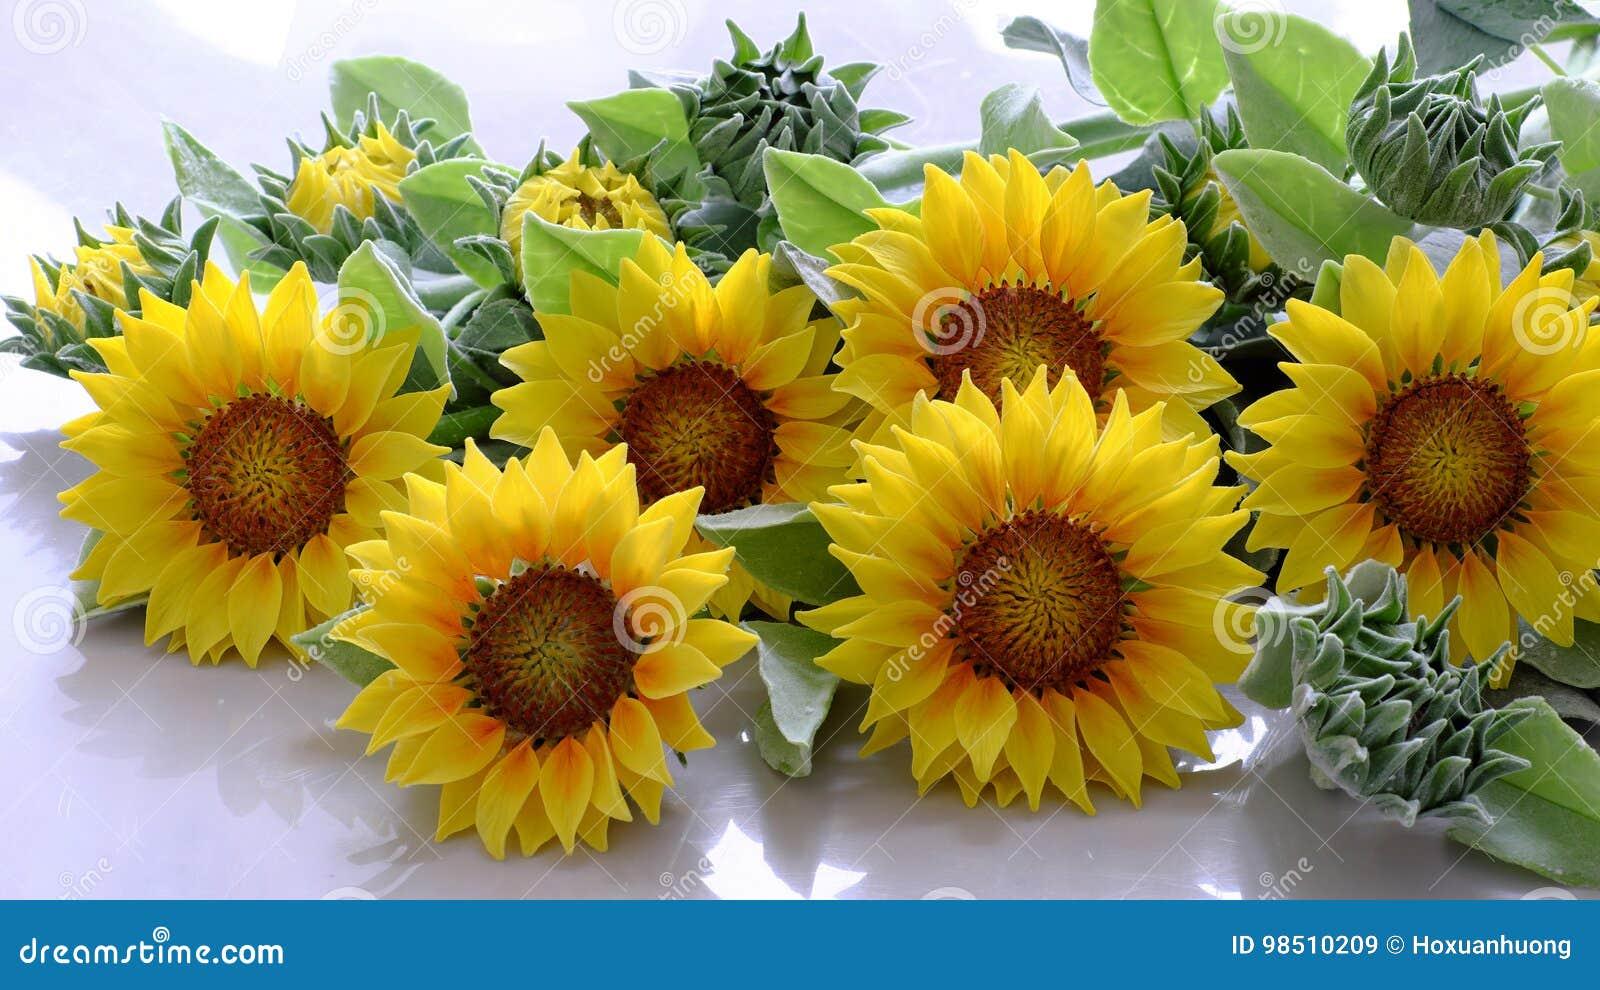 fleur d'argile, bouquet de tournesol image stock - image du métier